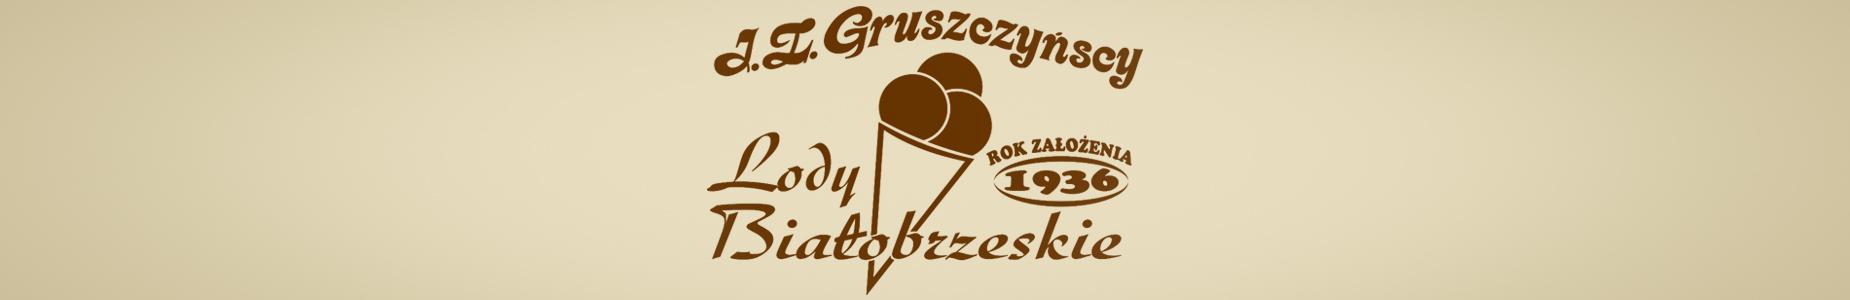 Naturalne Lody Białobrzeskie J.Z. Gruszczyńscy 1936